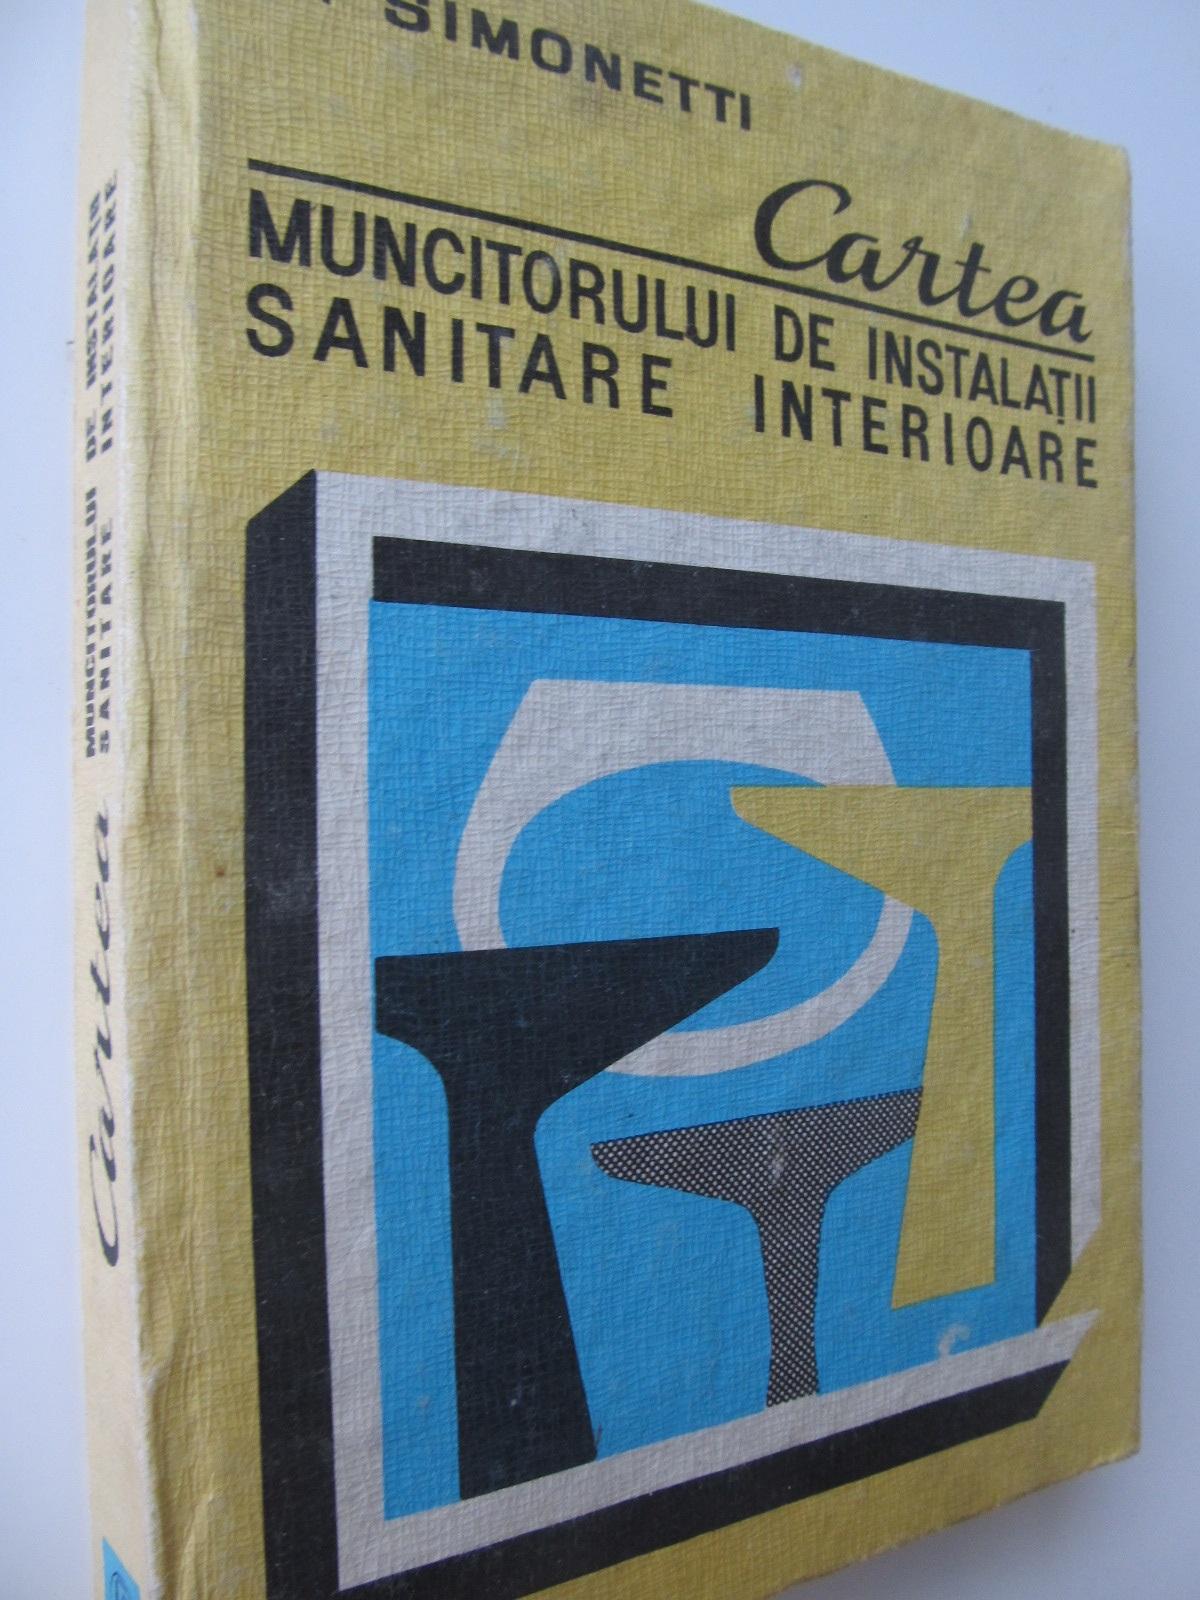 Cartea muncitorului de instalatii sanitare interioare - Aurel Simonetti | Detalii carte